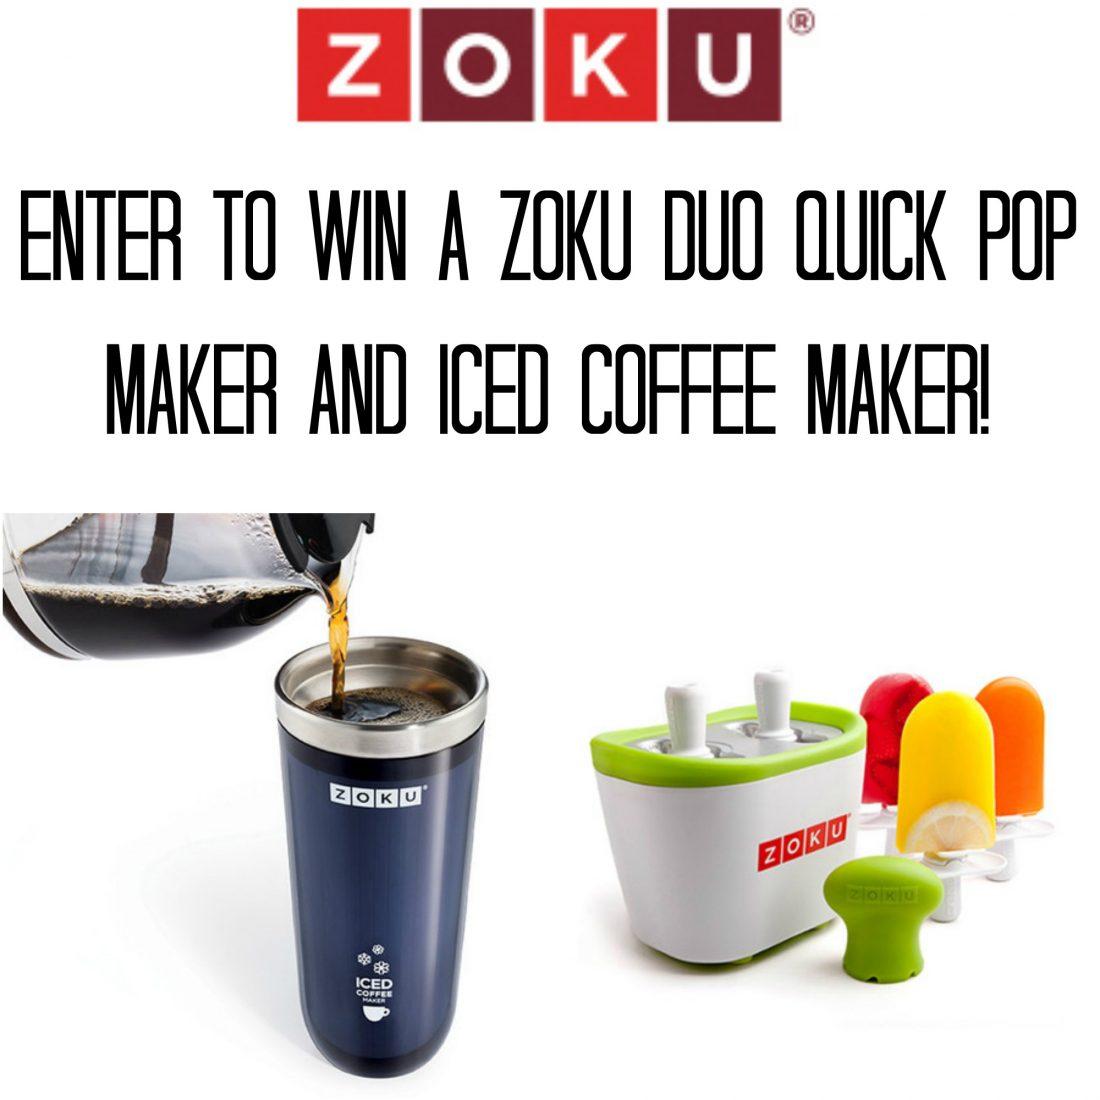 Zoku Iced Coffee Maker Recipes : Zoku Duo Quick Pop Maker & Iced Coffee Maker Review and Giveaway